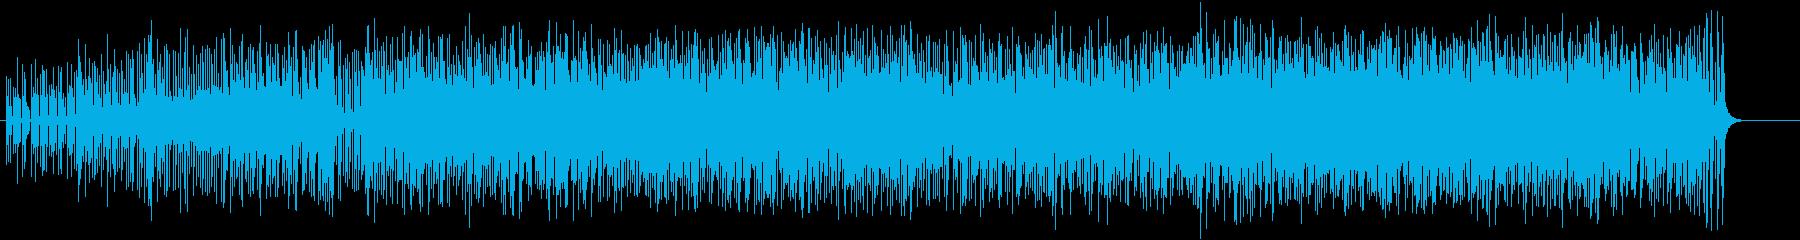 少しアンニュイなのに逆らえないボサノバの再生済みの波形